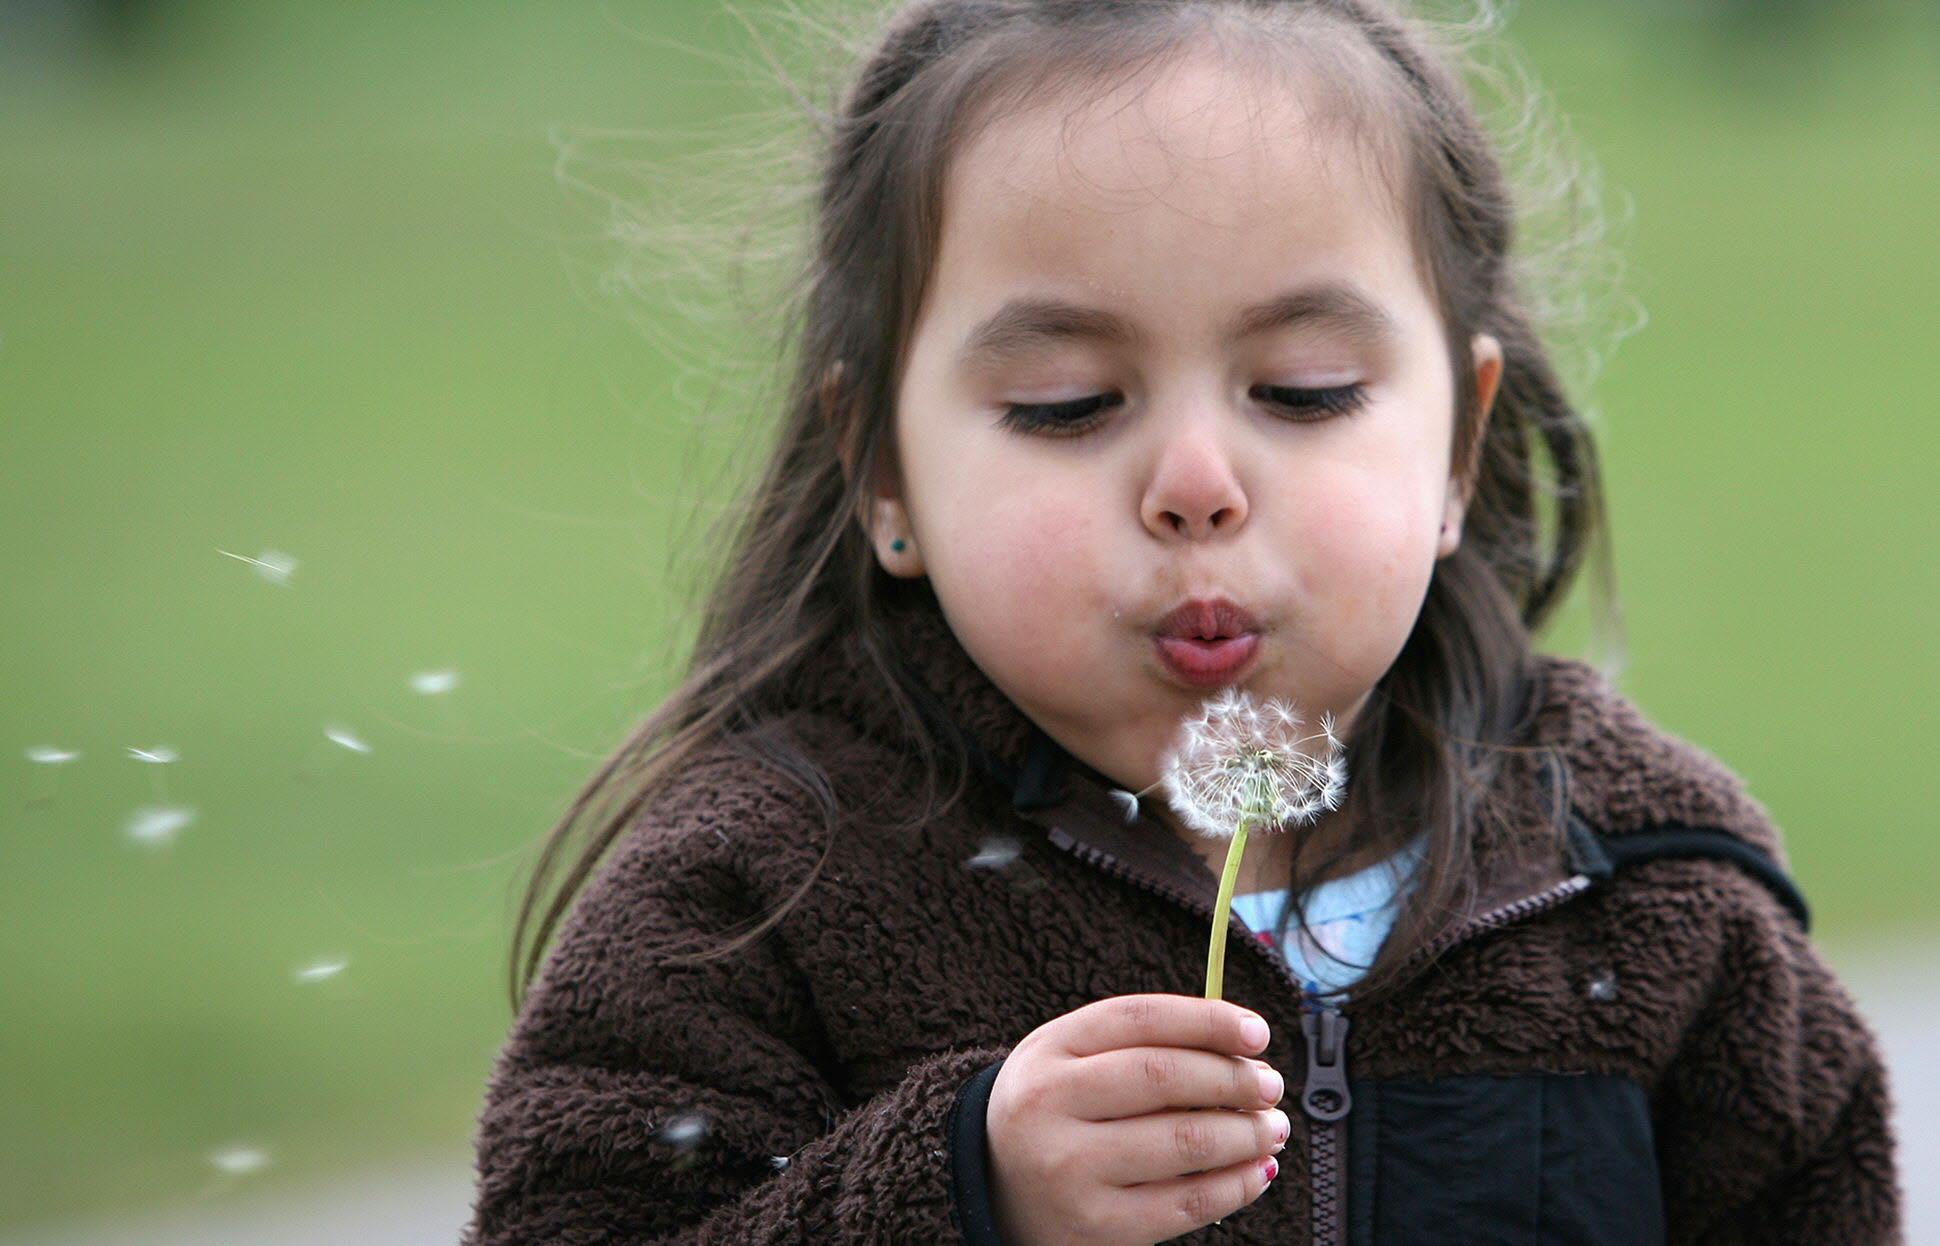 Rinitis alérgica, la enfermedad crónica más común en niños